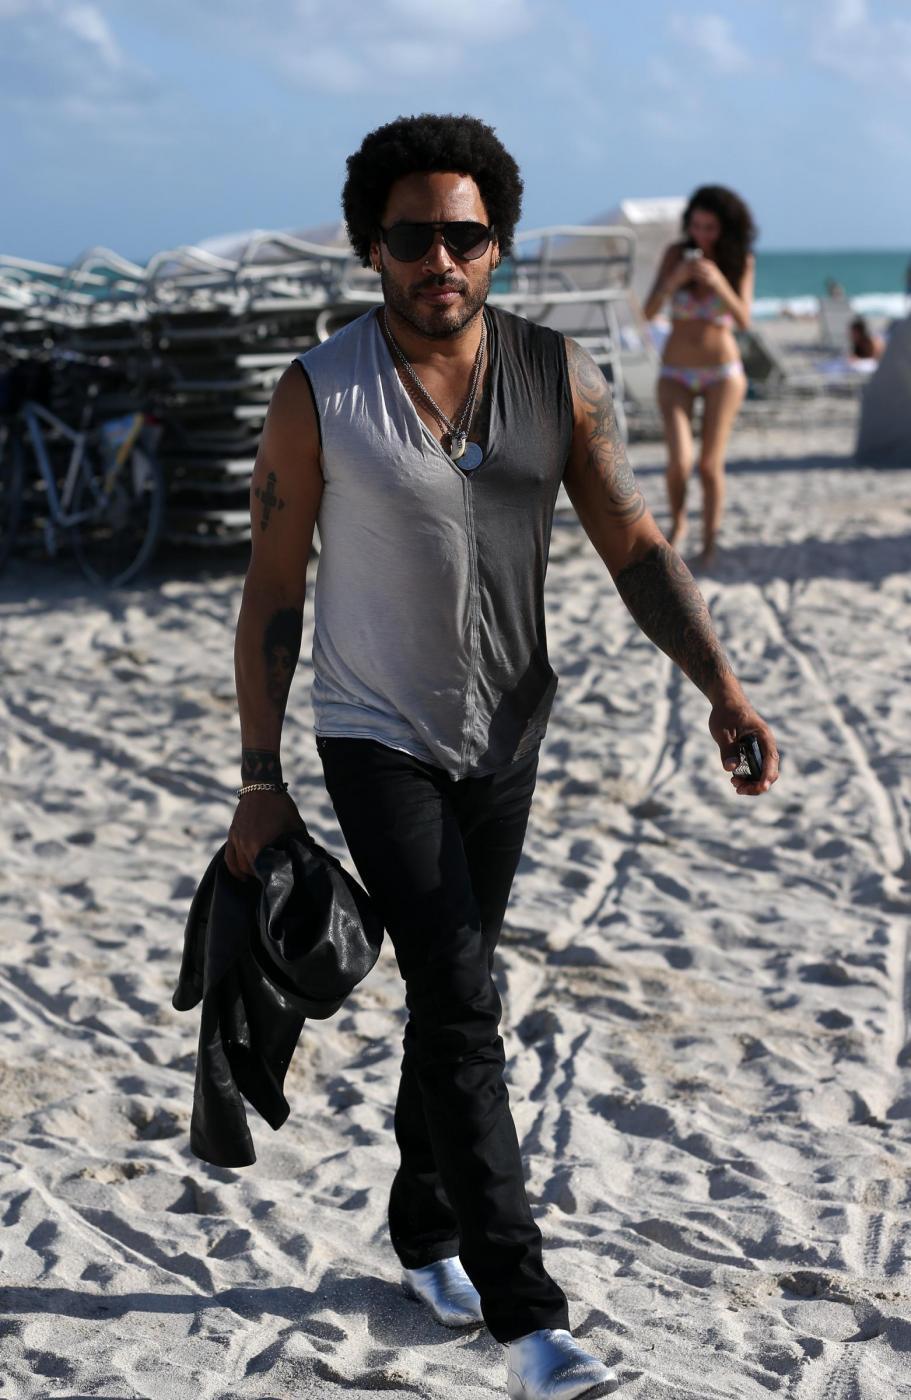 Roberto Cavalli in spiaggia a Miami con Lina Nilson e Lenny Kravitz08